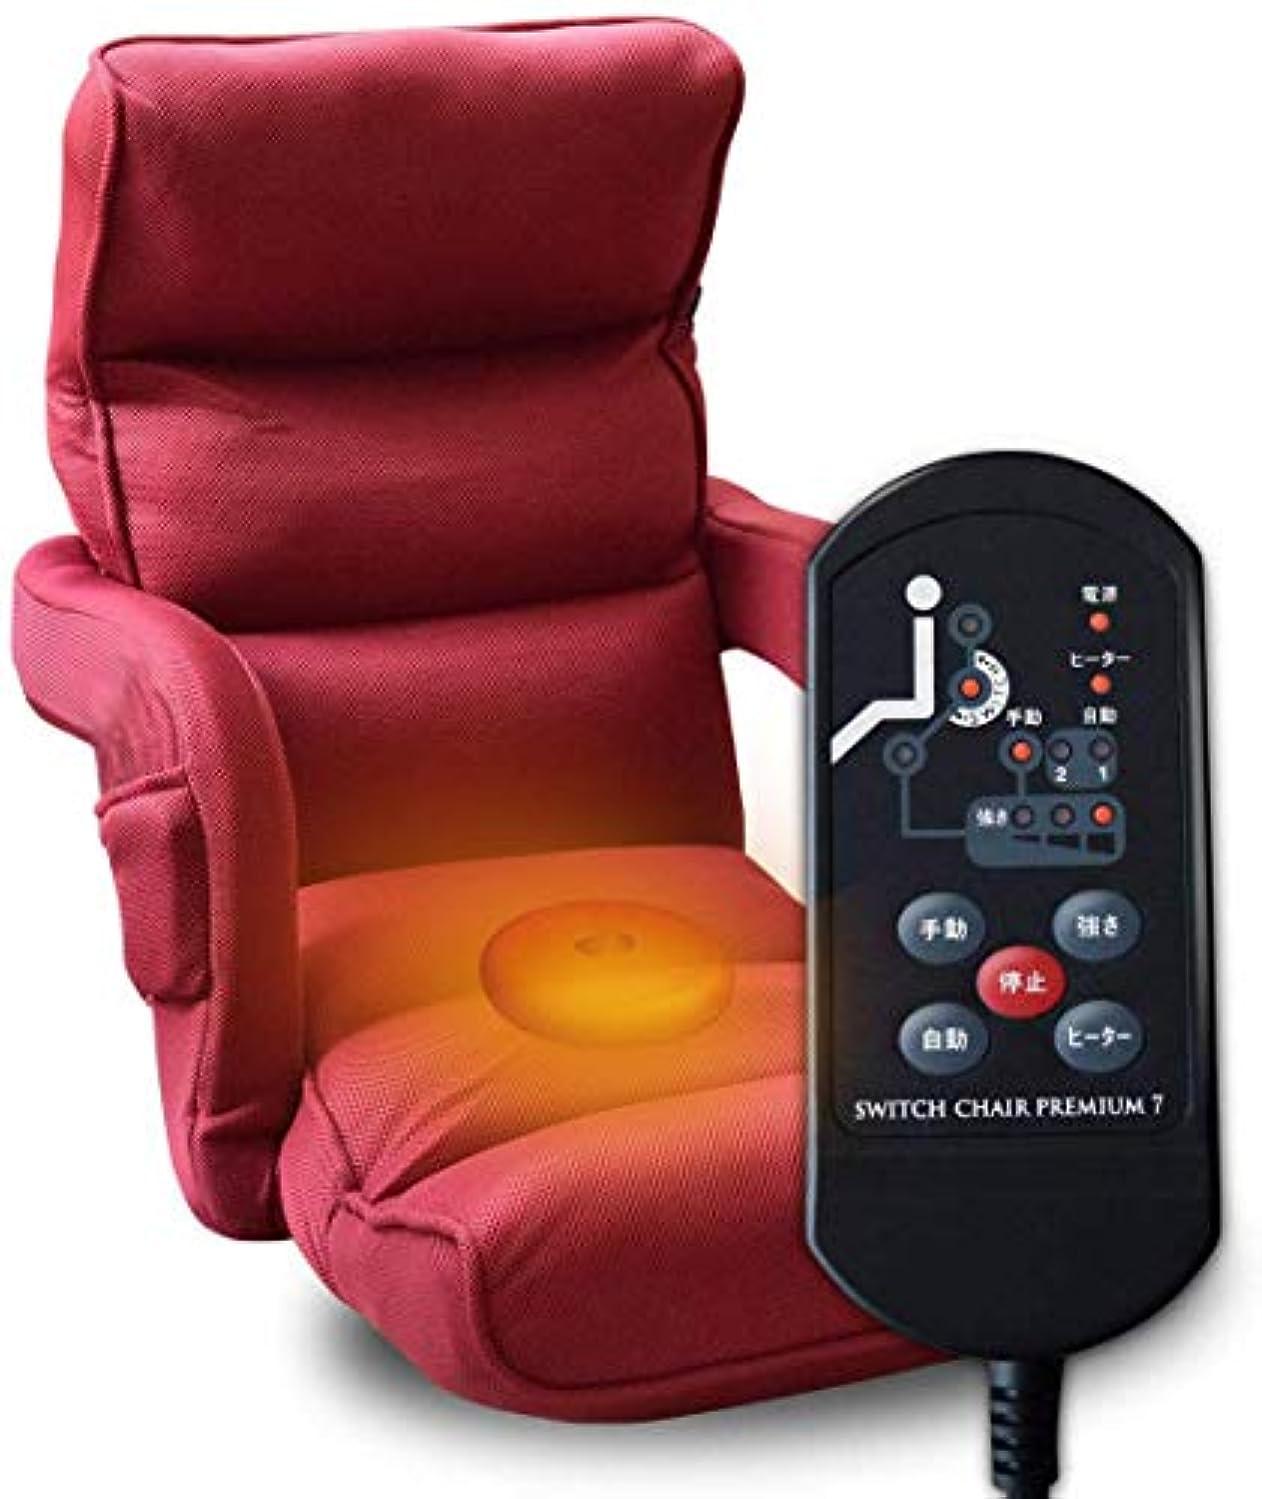 リス味わうナイトスポットSWITCH CHAIR PREMIUM 7 マッサージ器 マッサージ機 肘掛け付き座椅子 マッサージ ヒーター 首 肩 腰 肩こり 背中 マッサージチェア ビクトリアンローズ